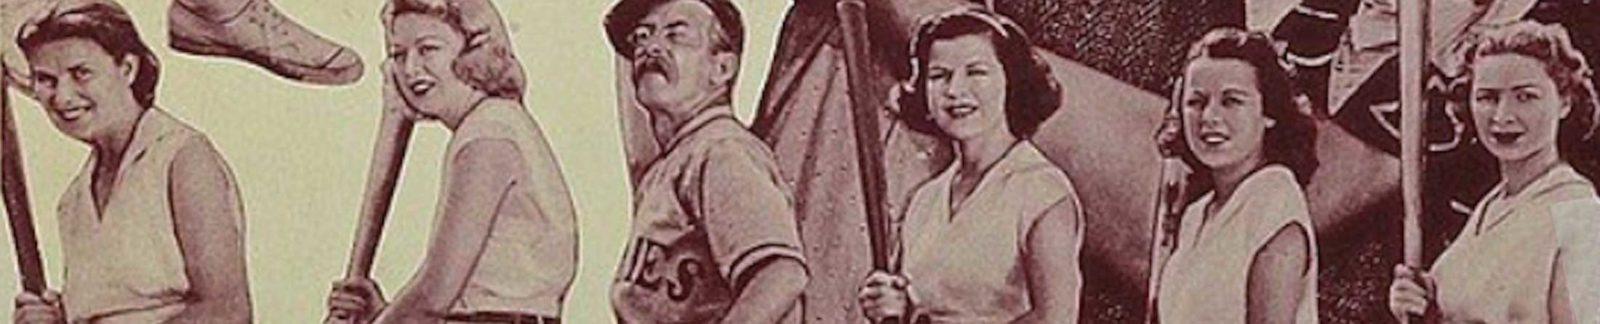 Gracie at the Bat - baseball movie header